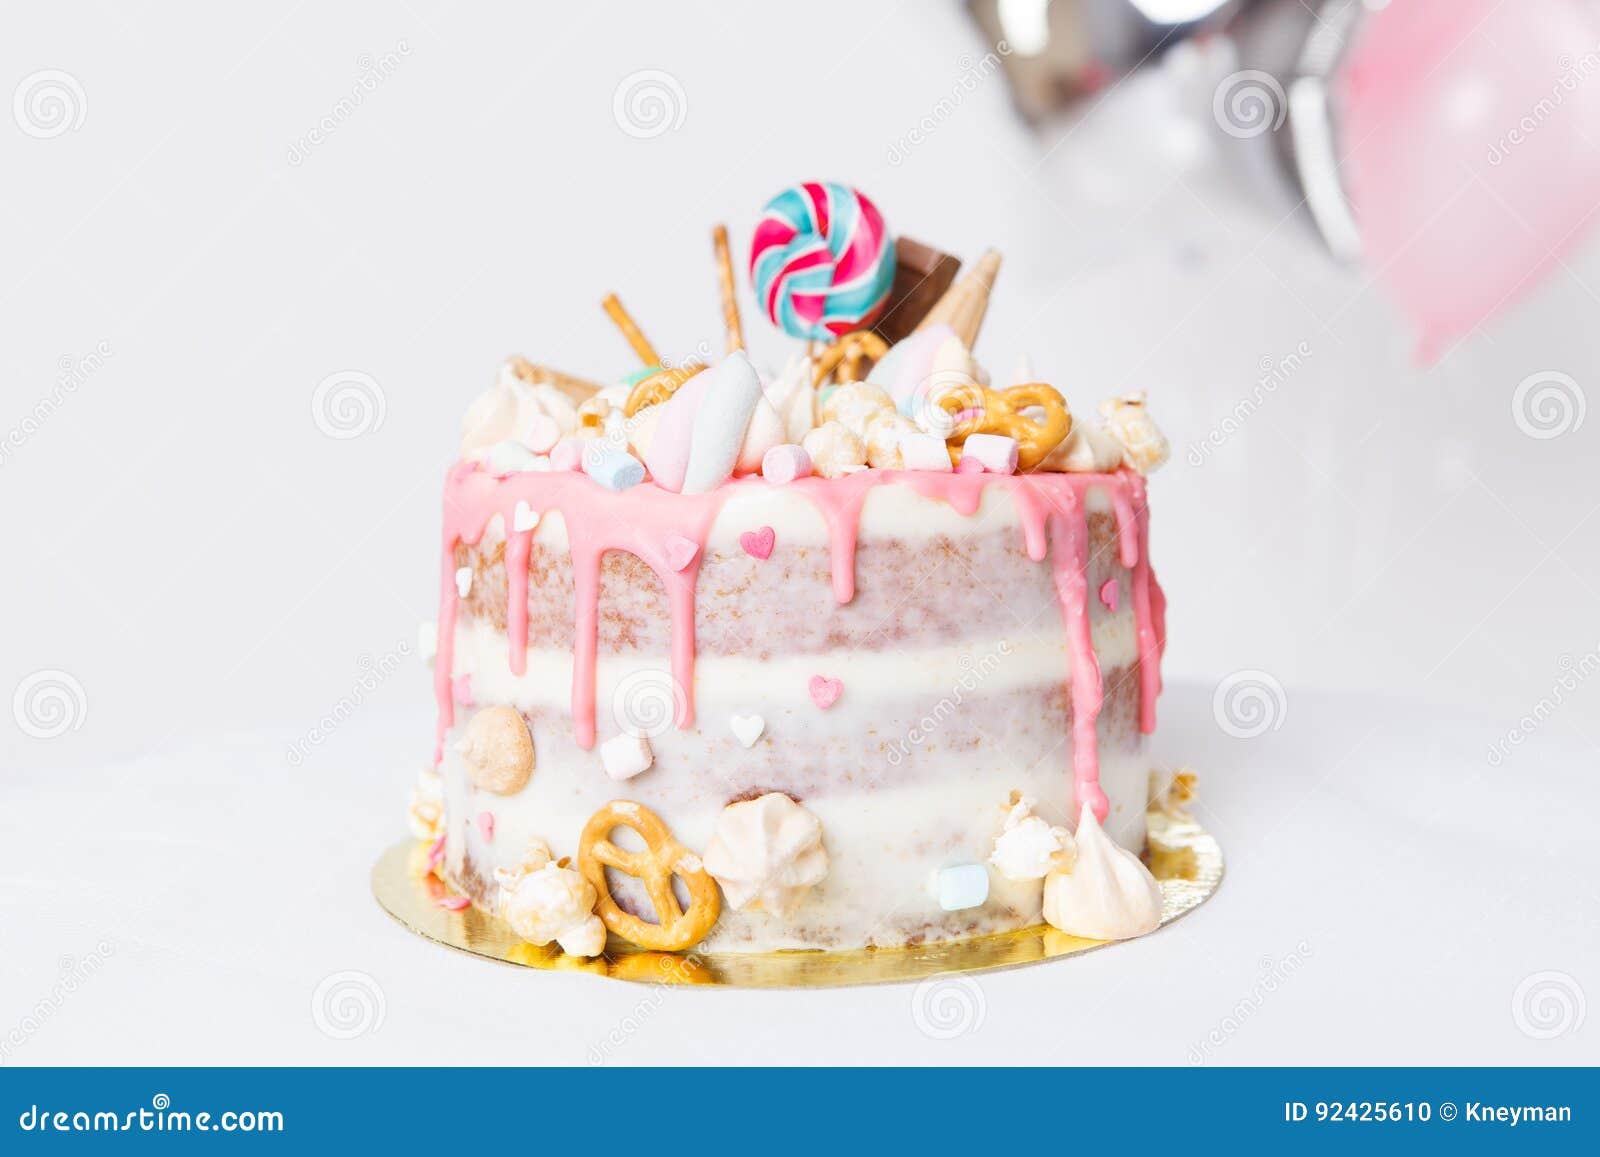 Torta de cumpleaños con adornado con los caramelos, piruleta, melcochas Color en colores pastel rosado Globos en fondo